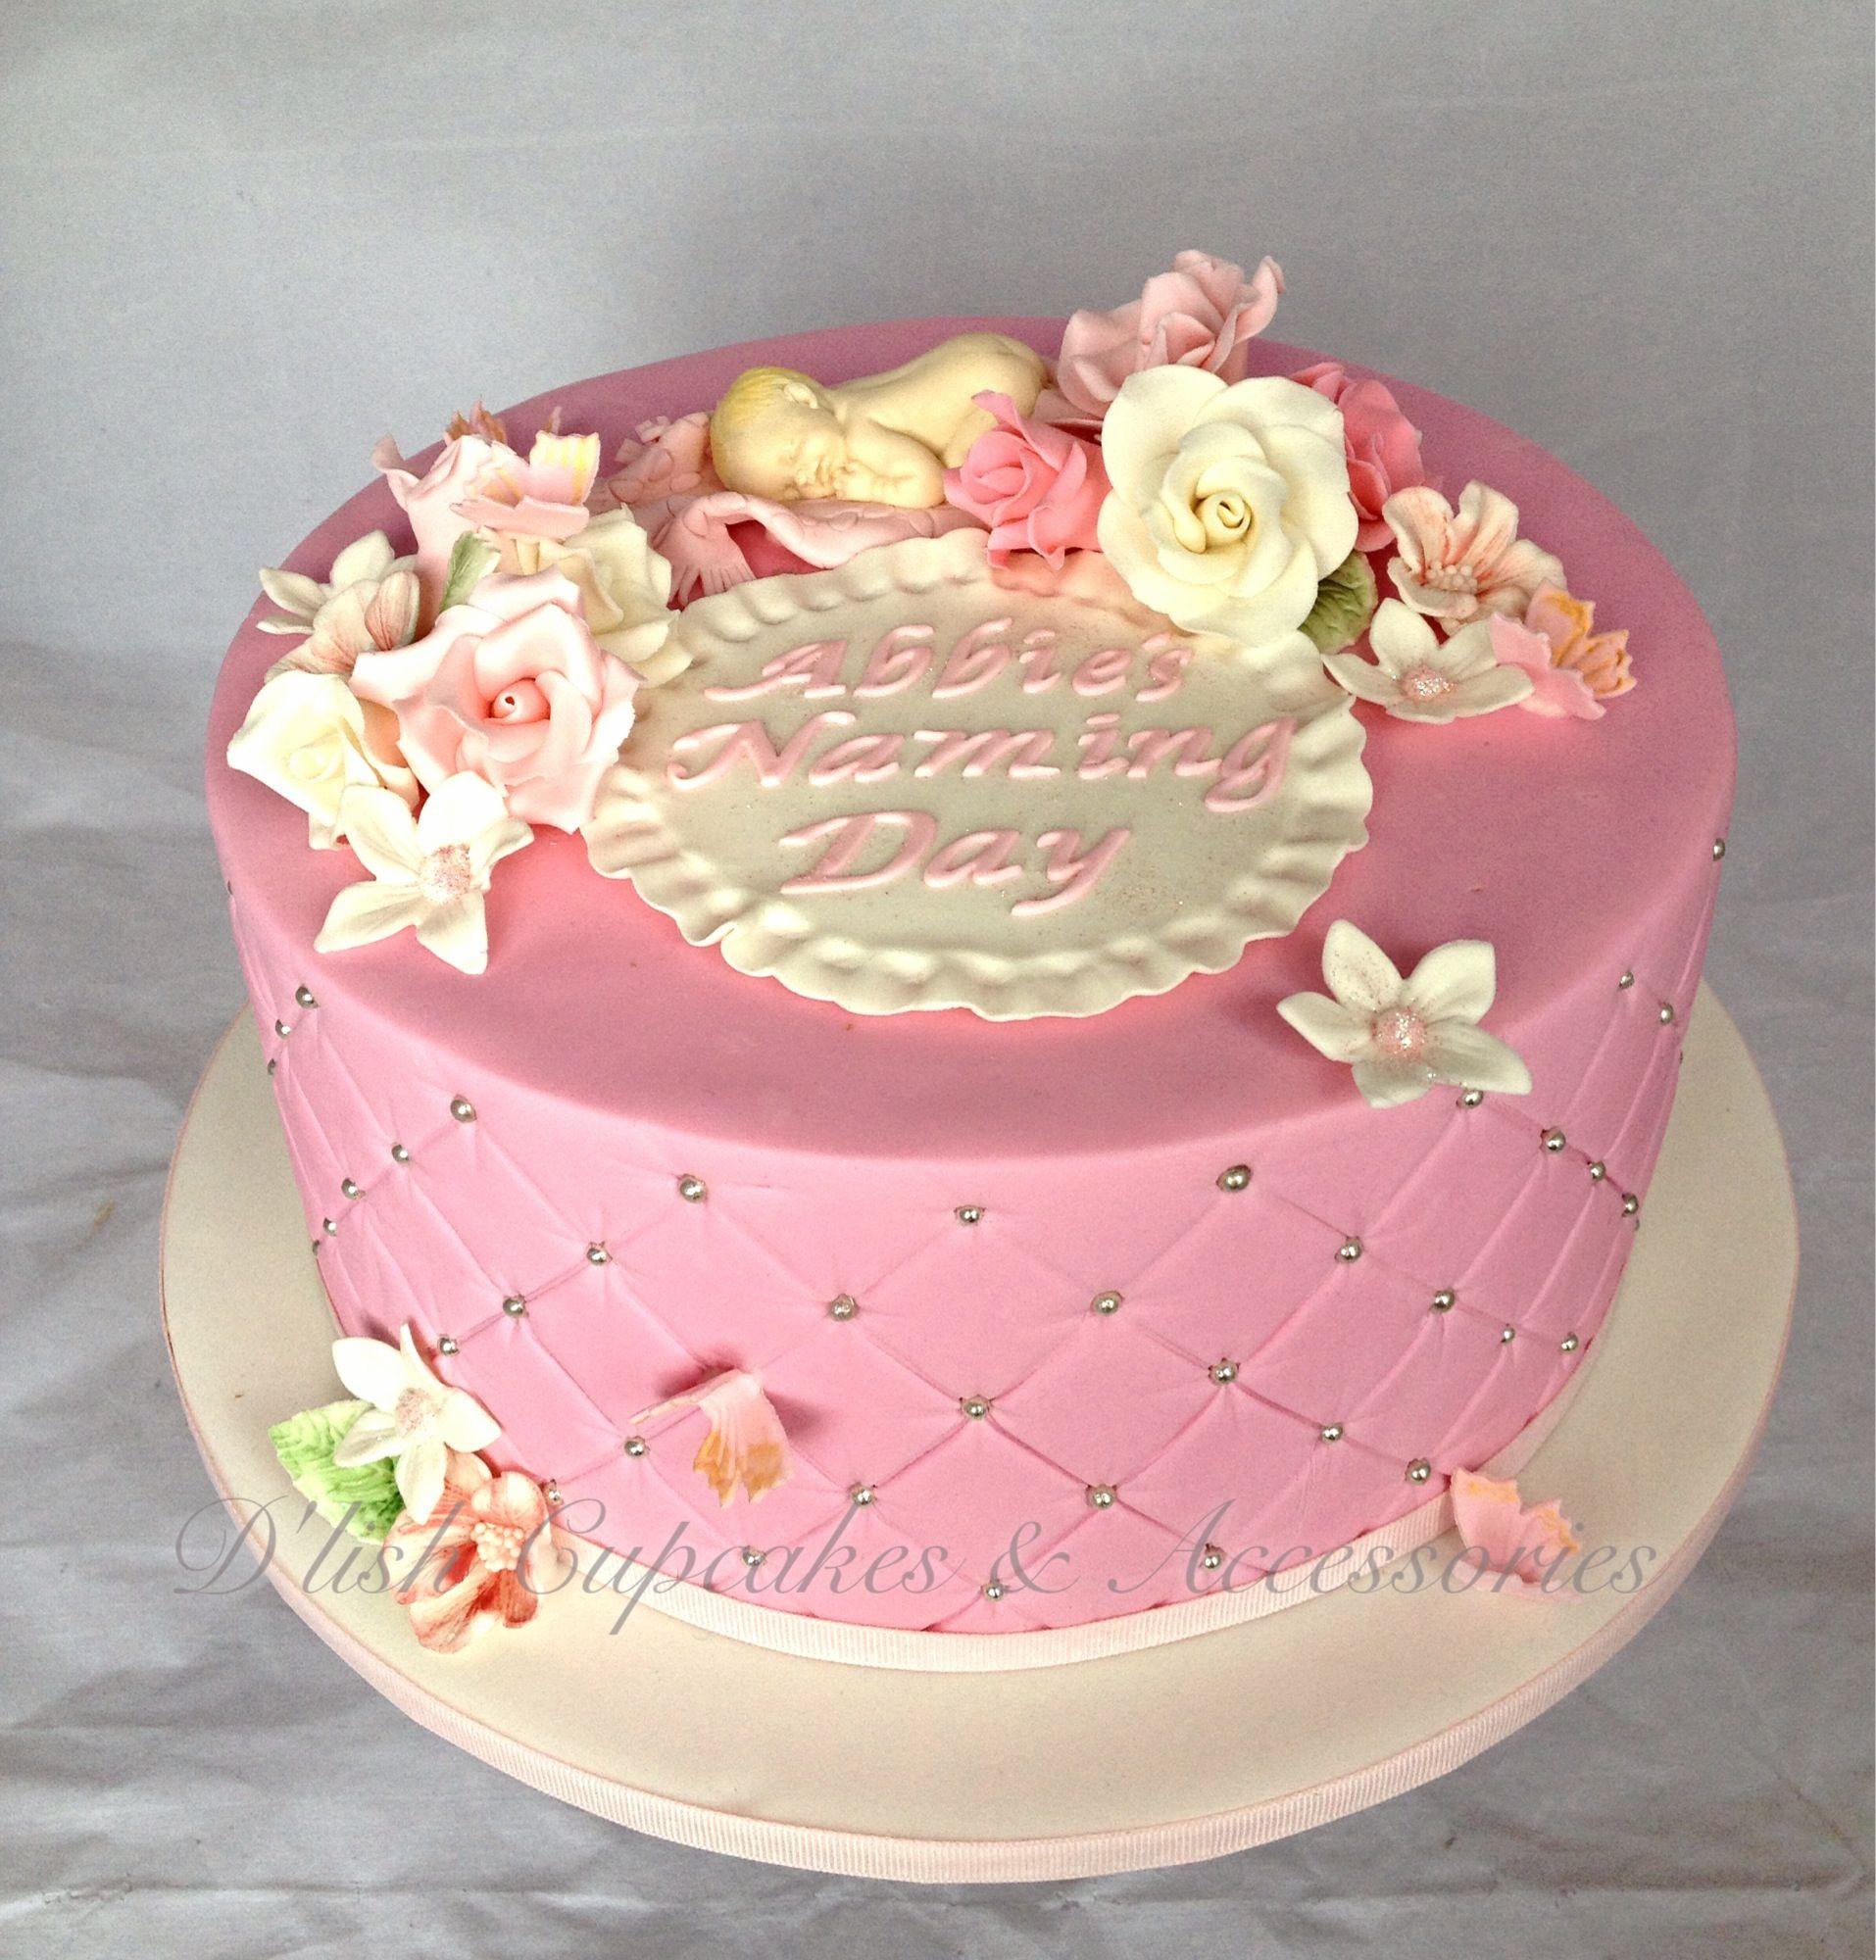 Baby girl naming day cake christening cake pink cake www